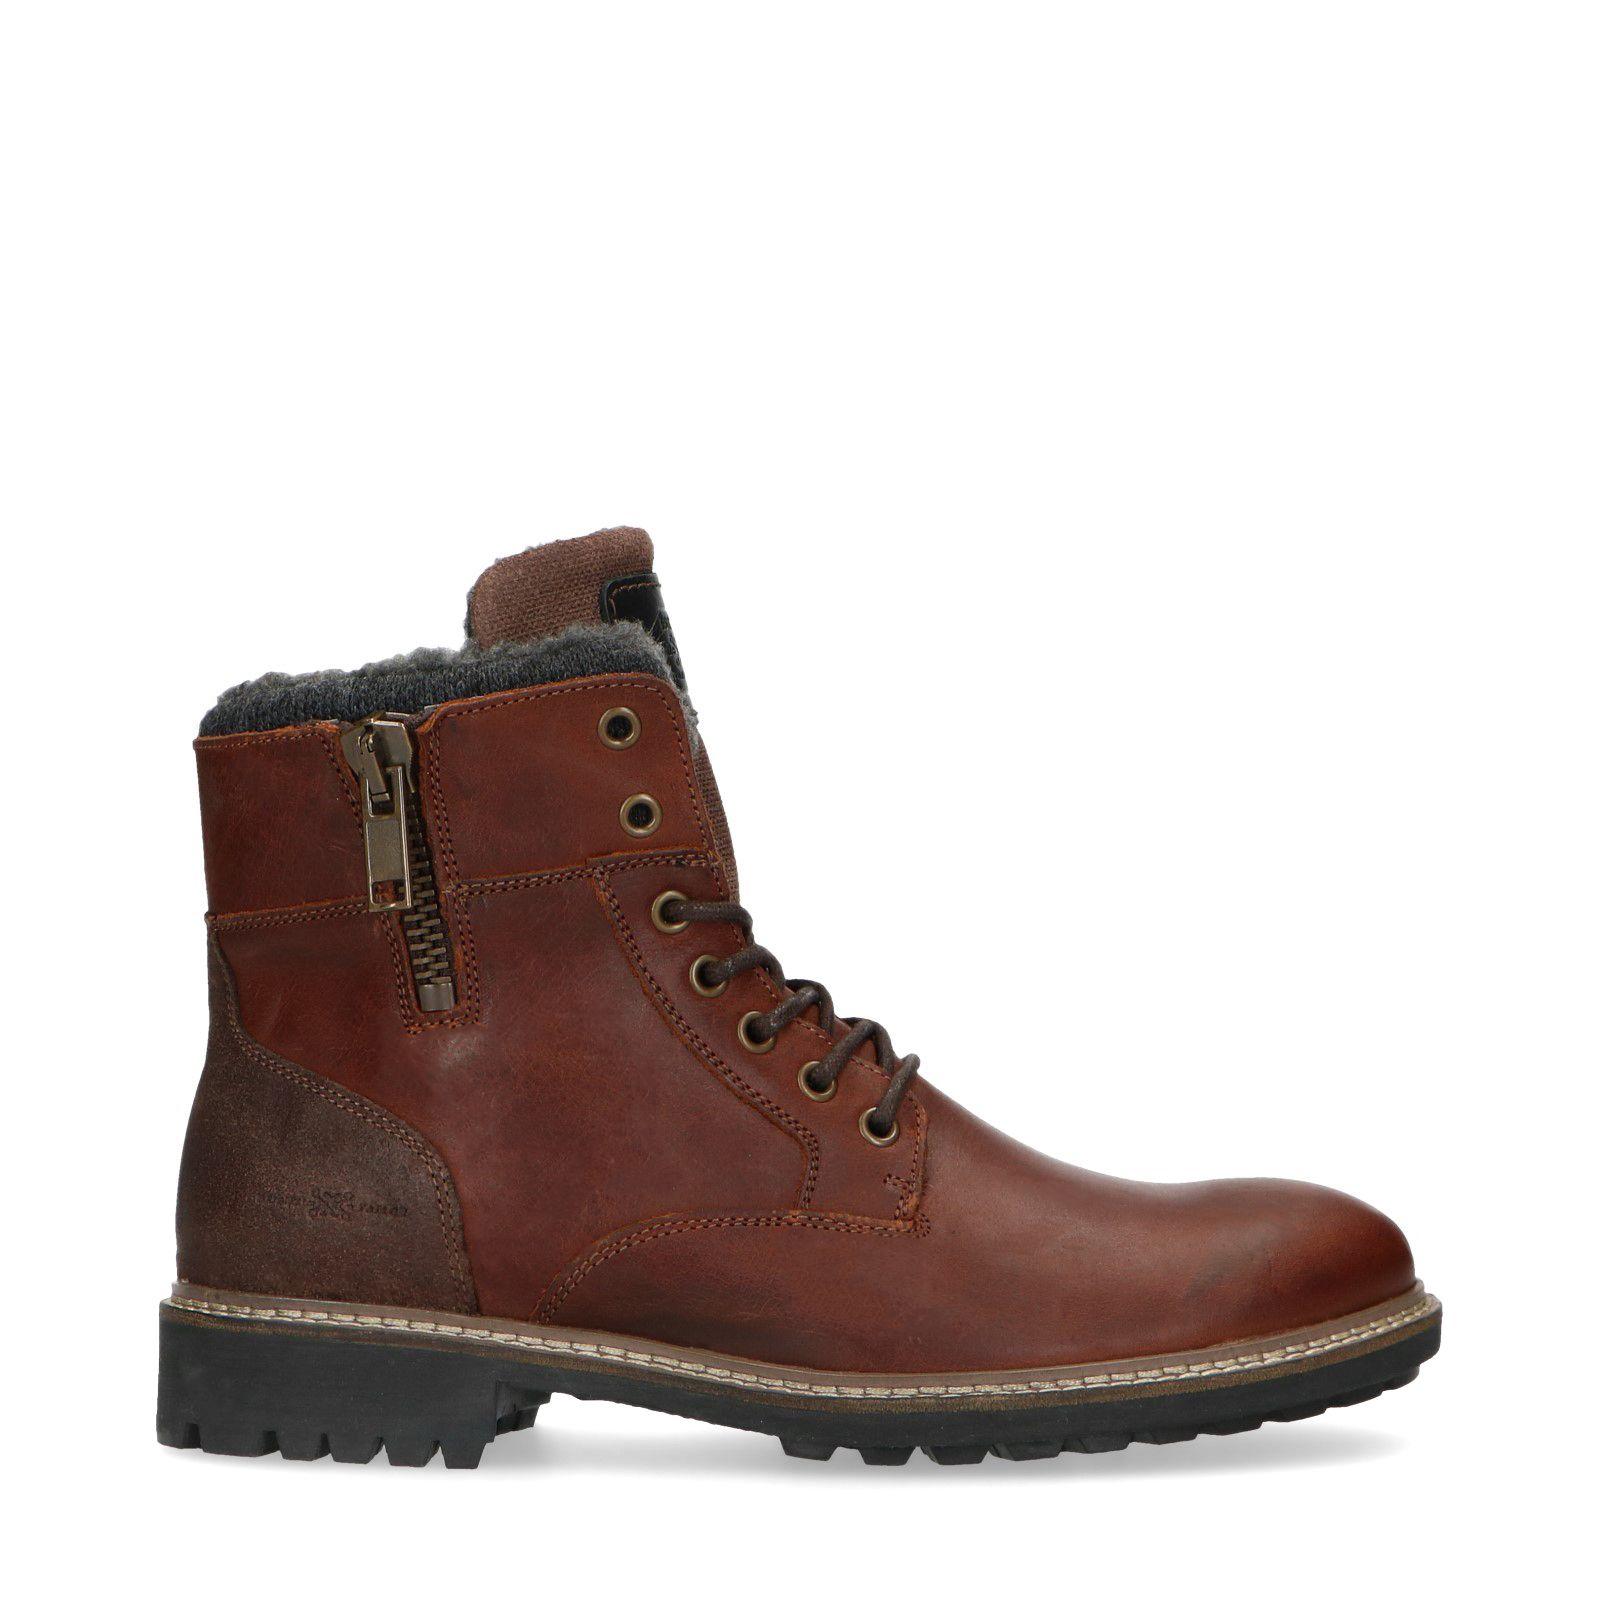 Bruine leren worker boots met wol Heren   MANFIELD